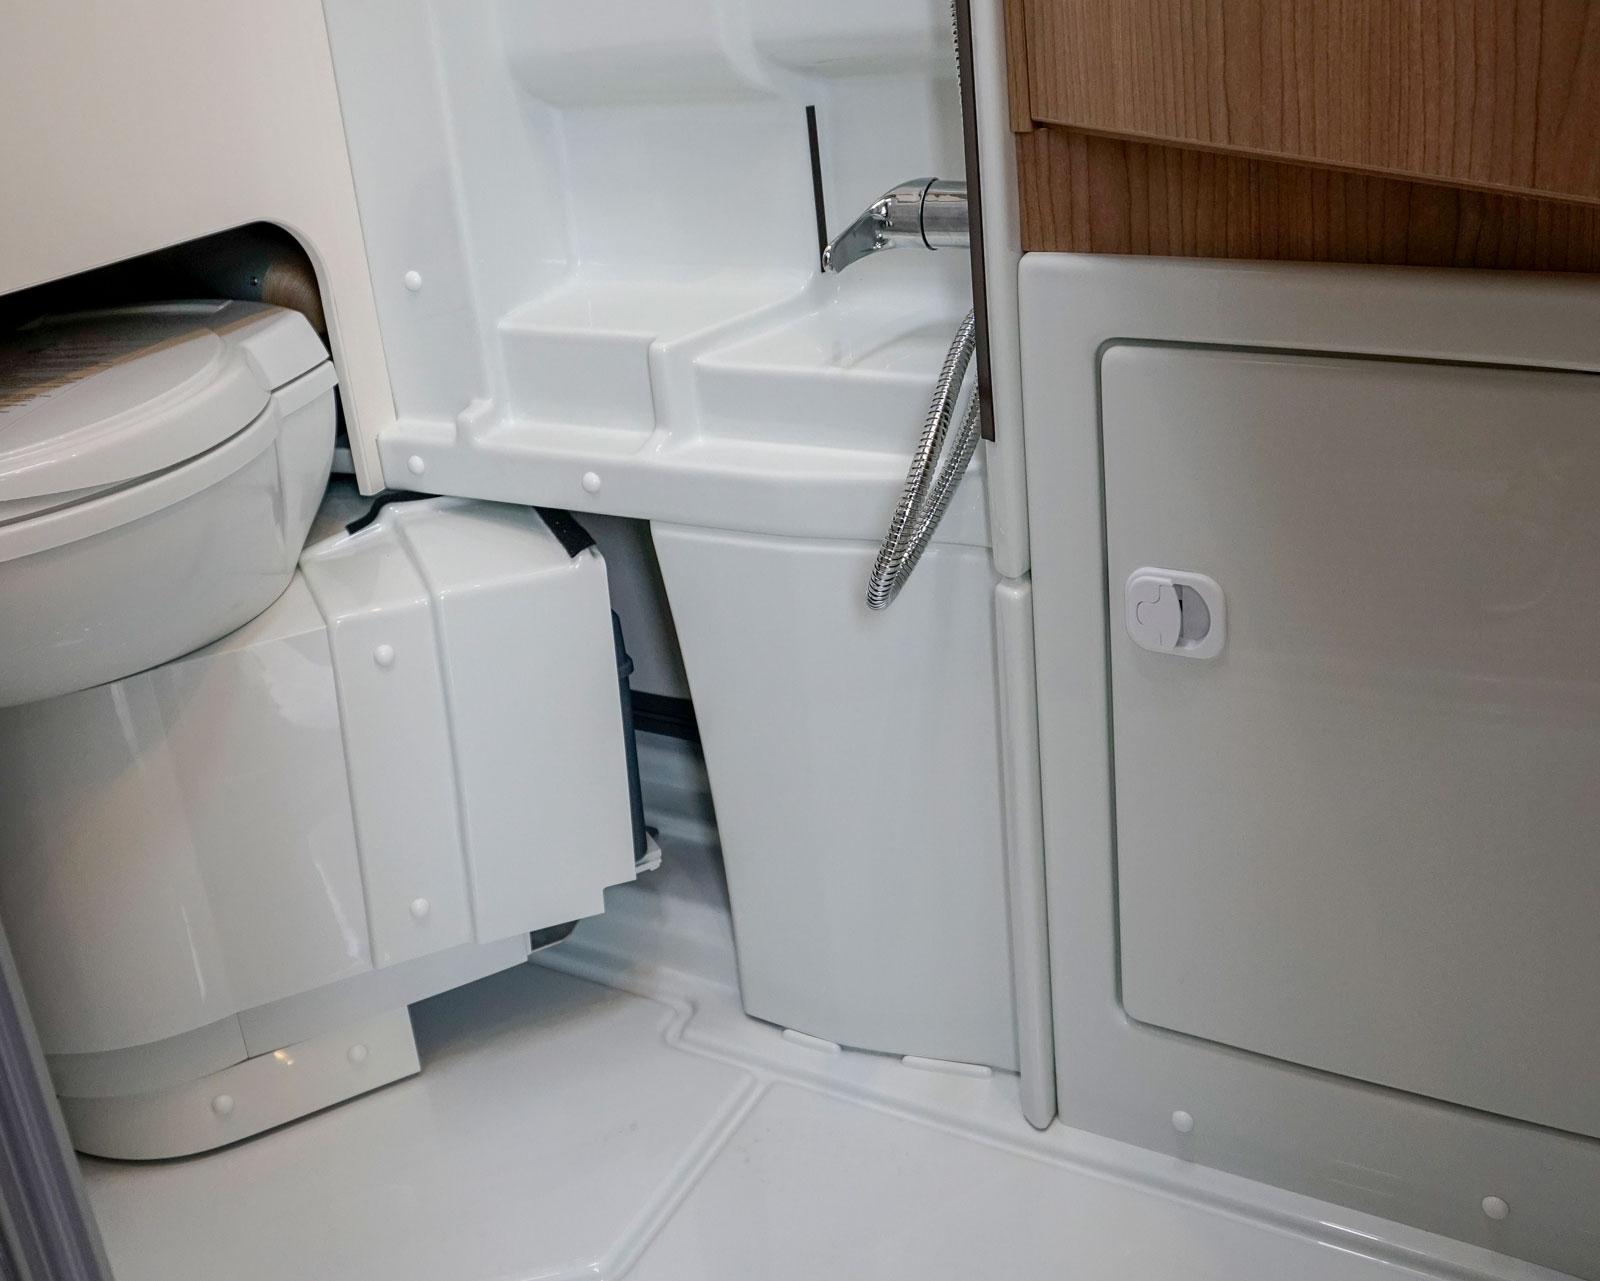 Toaletten är infällbar i väggen vilket ger bra duschutrymme.